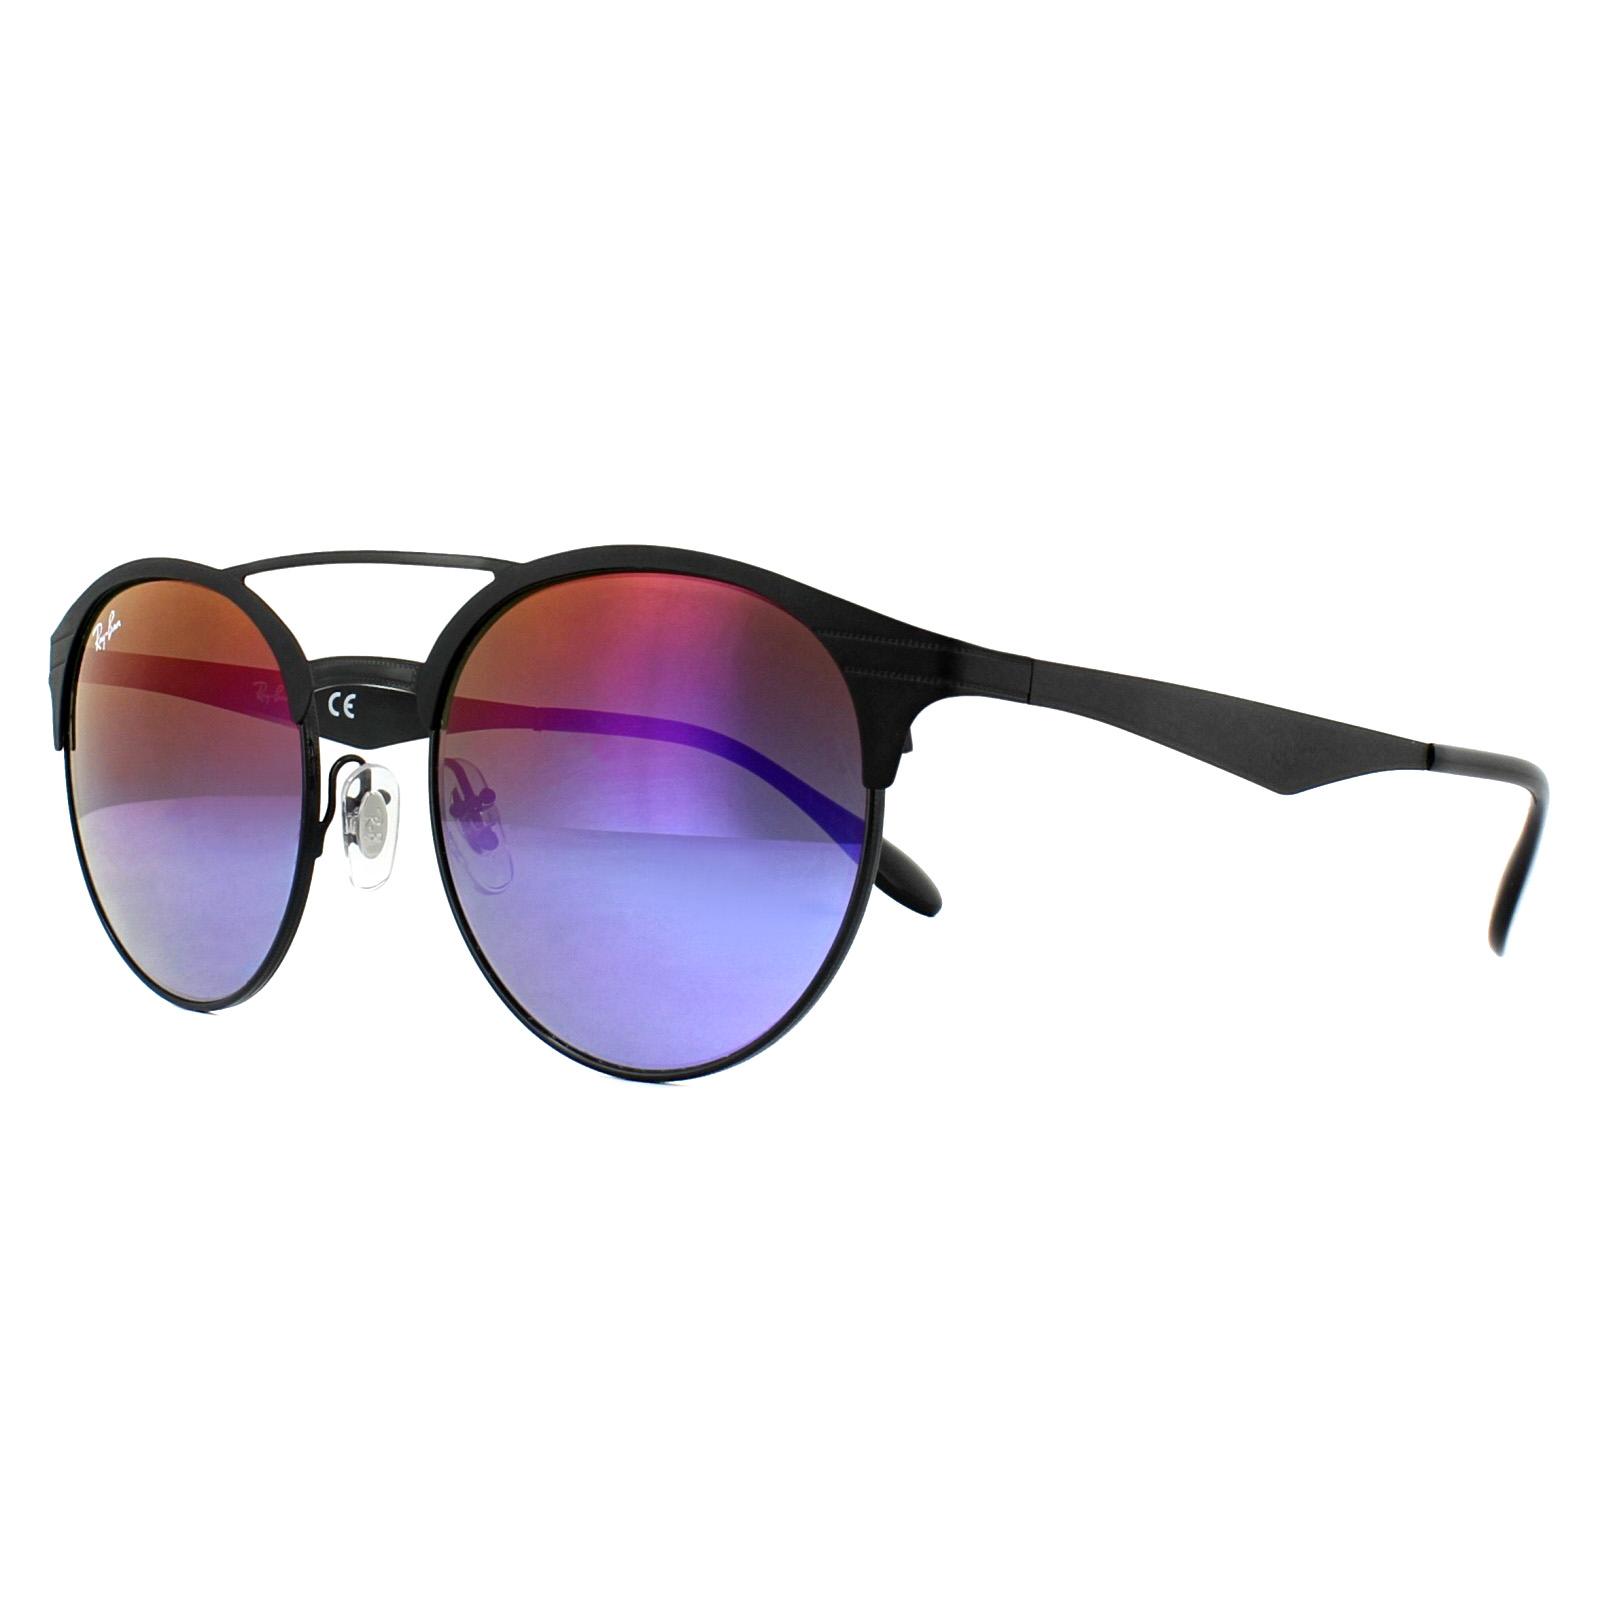 e80e38e941 Sentinel Ray-Ban Sunglasses 3545 186 B1 Black Blue Violet Gradient Mirror  51mm